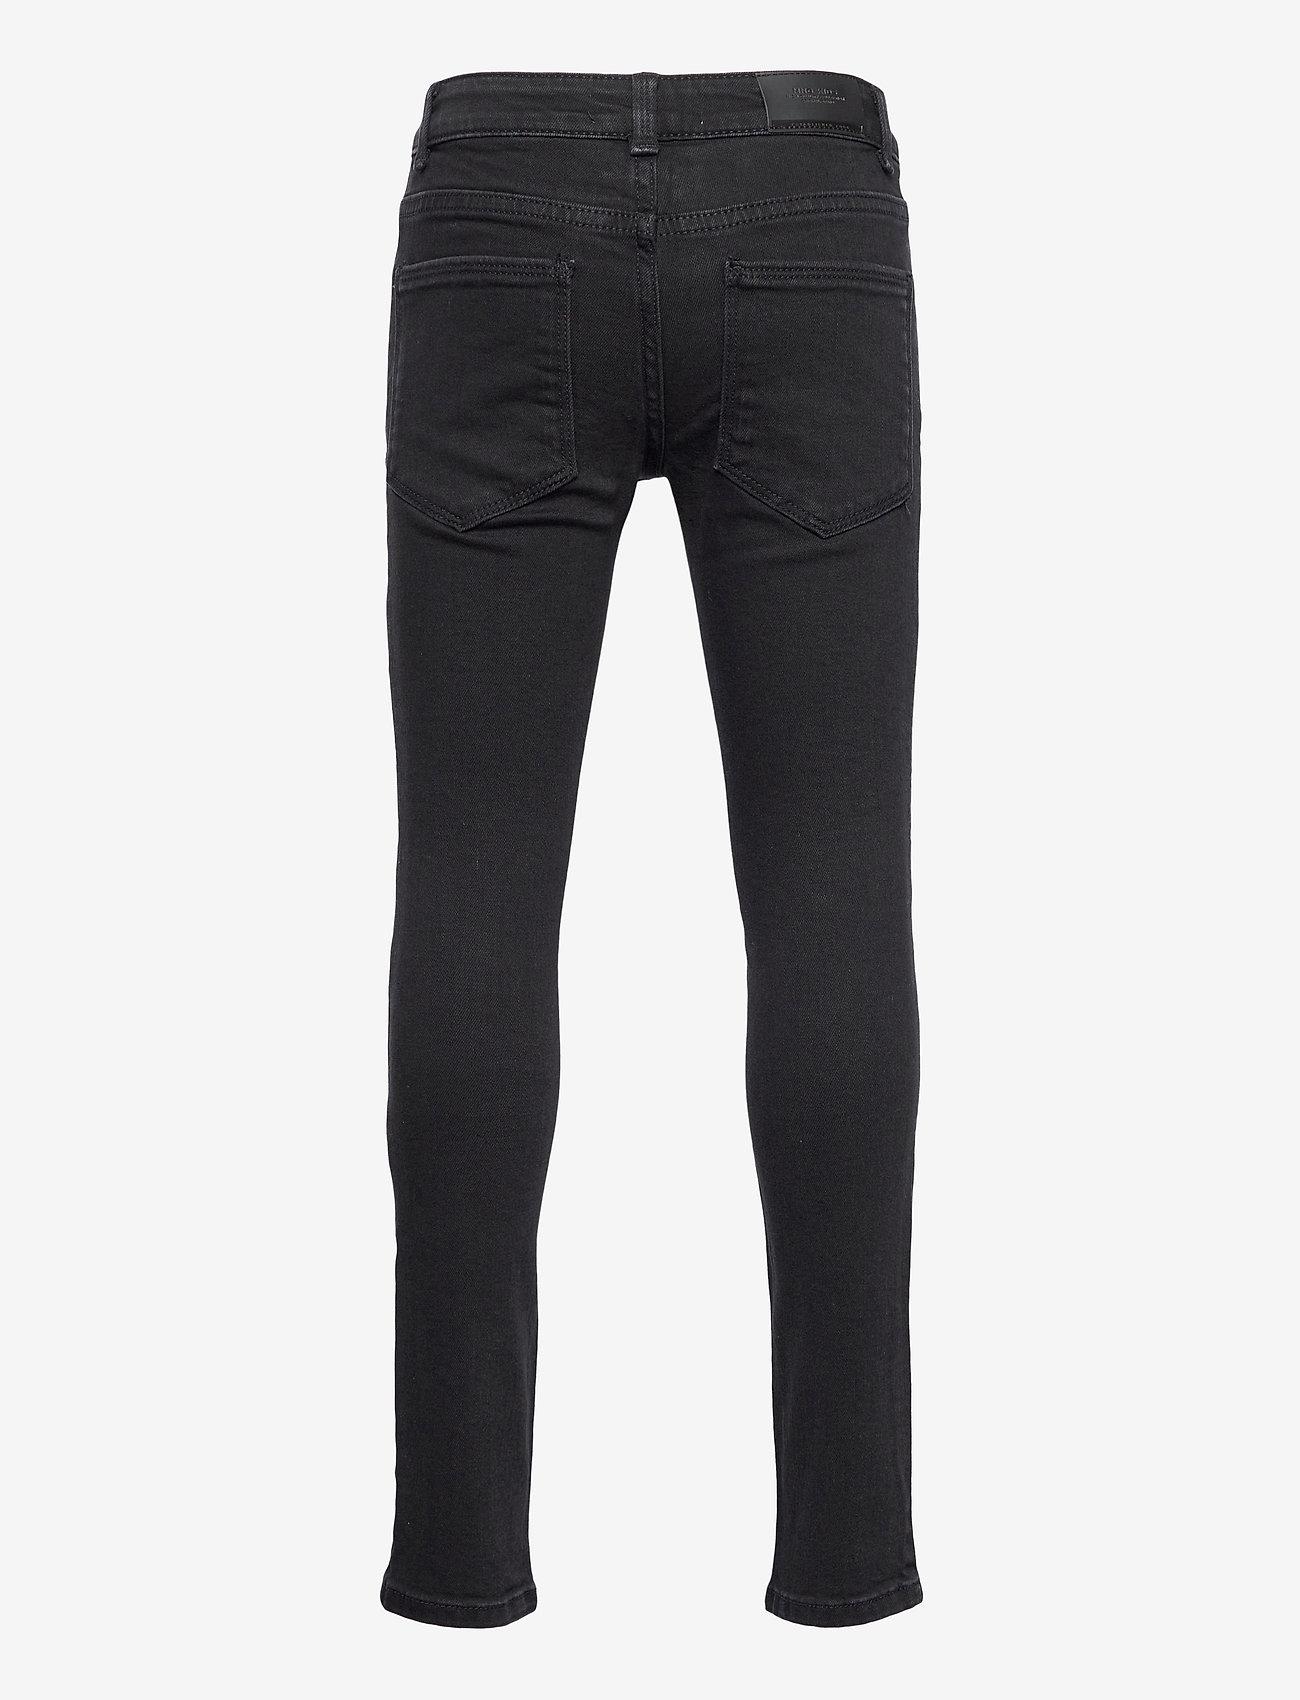 Mango - BIKER - jeans - open gray - 1